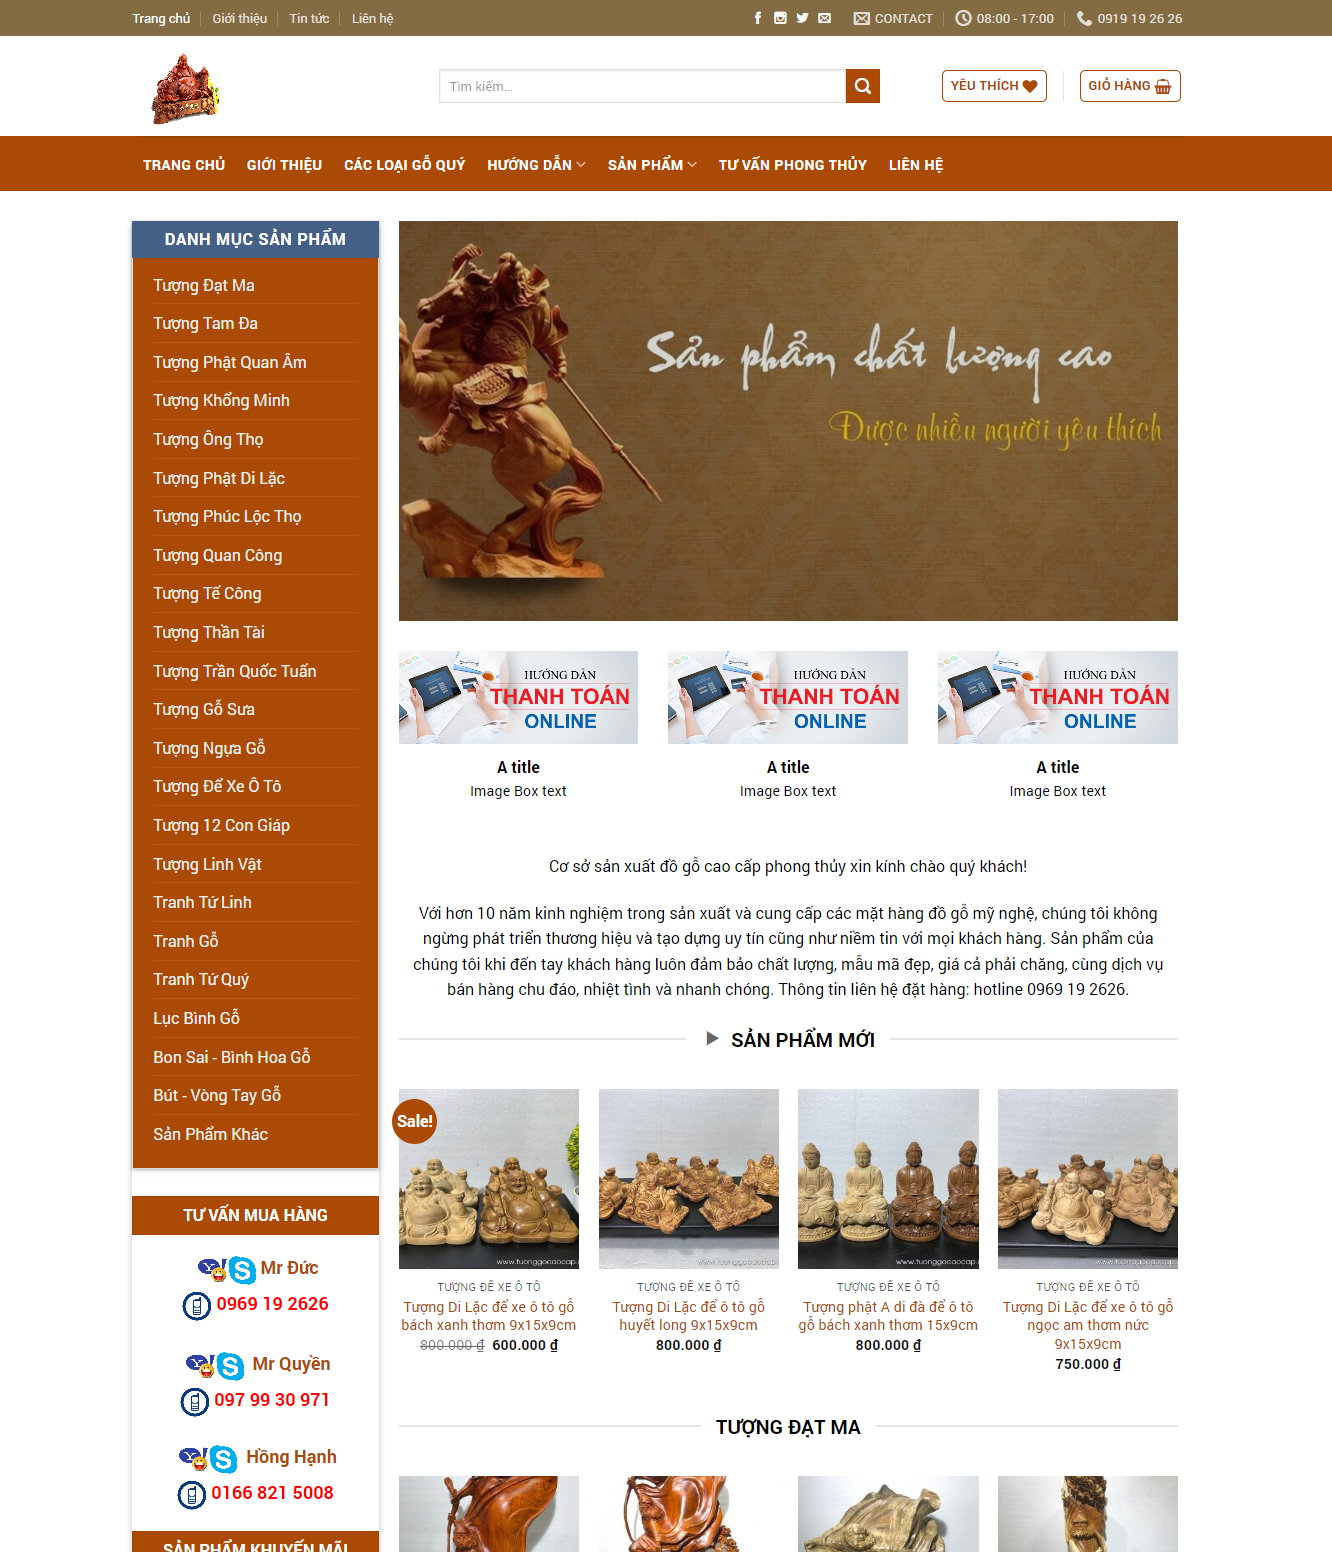 screenshot dogocaocapphongthuy.com 2017 11 16 15 46 301 - Thiết Kế Website